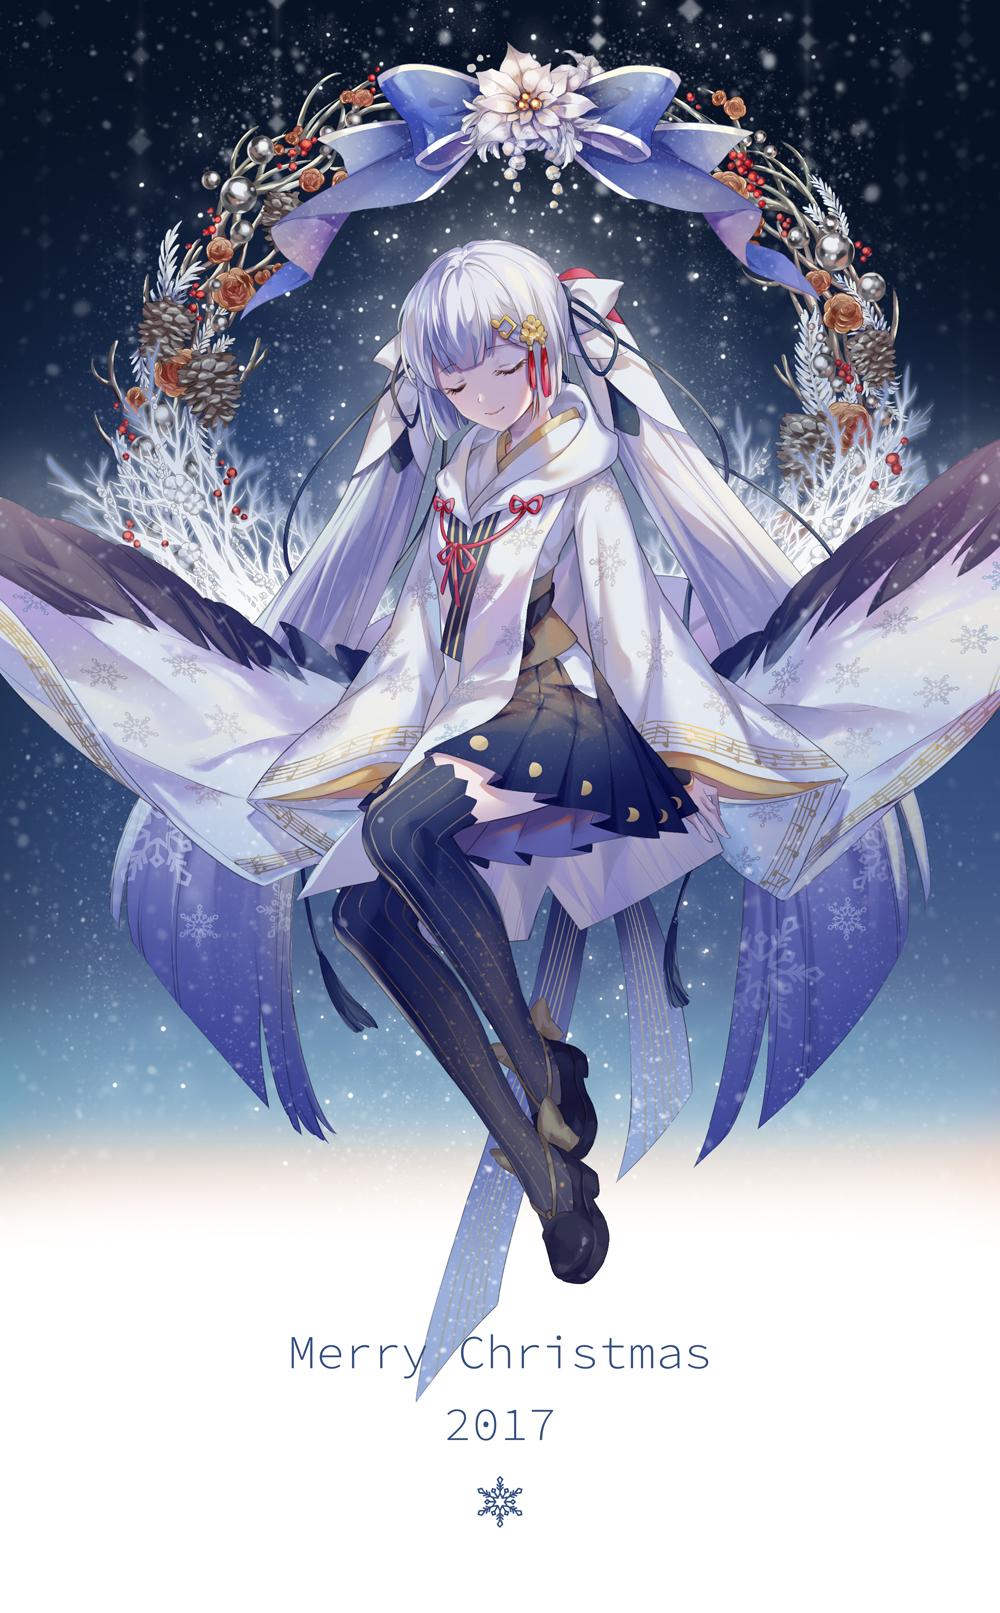 Hatsune Miku Christmas 2018.Hatsune Miku Vocaloid Image 2239263 Zerochan Anime